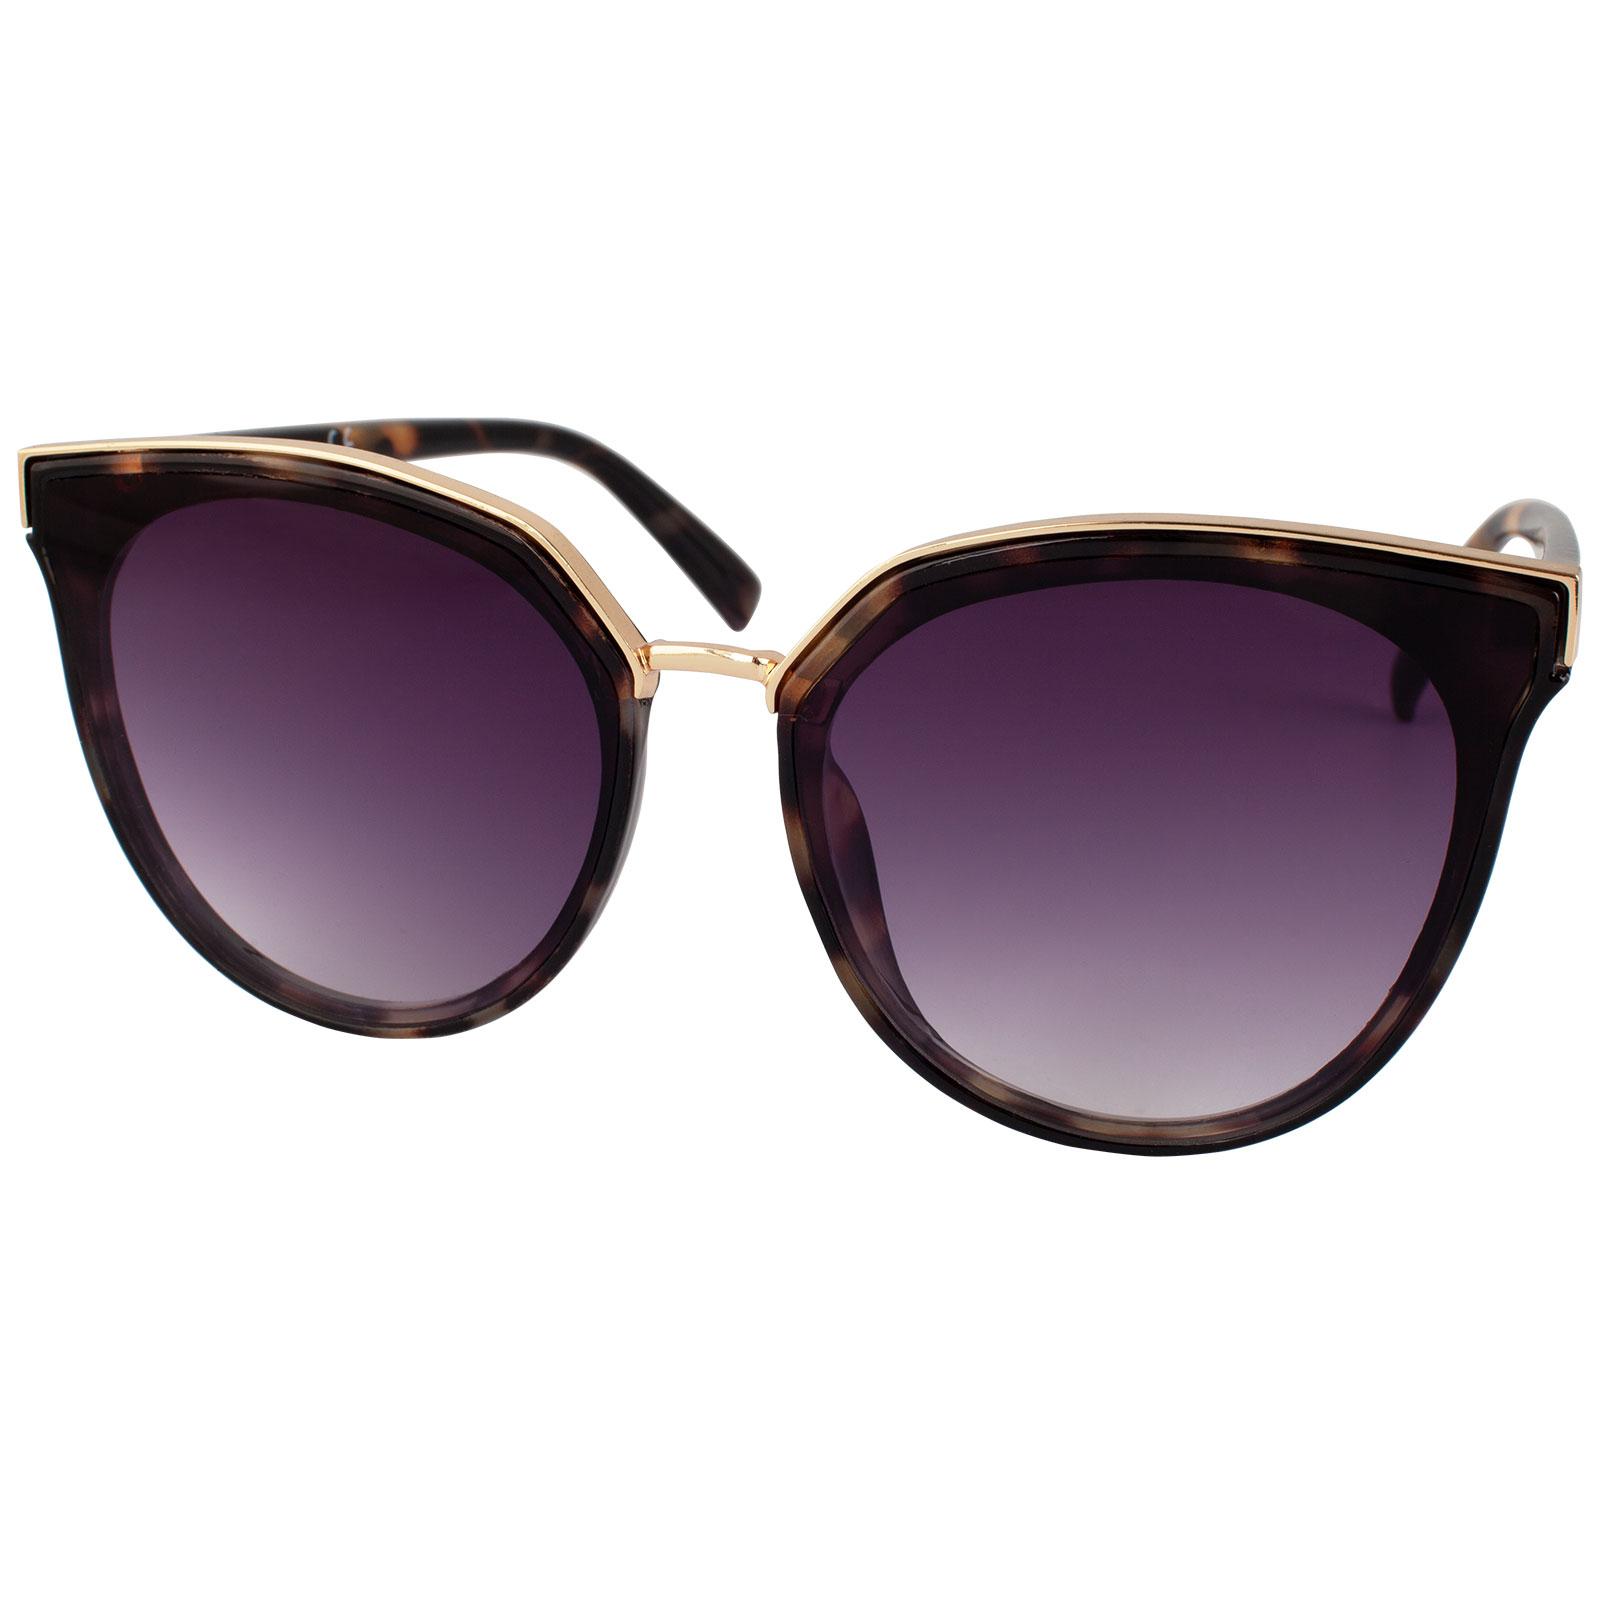 Solglasögon brunmelerade med guldram Montini